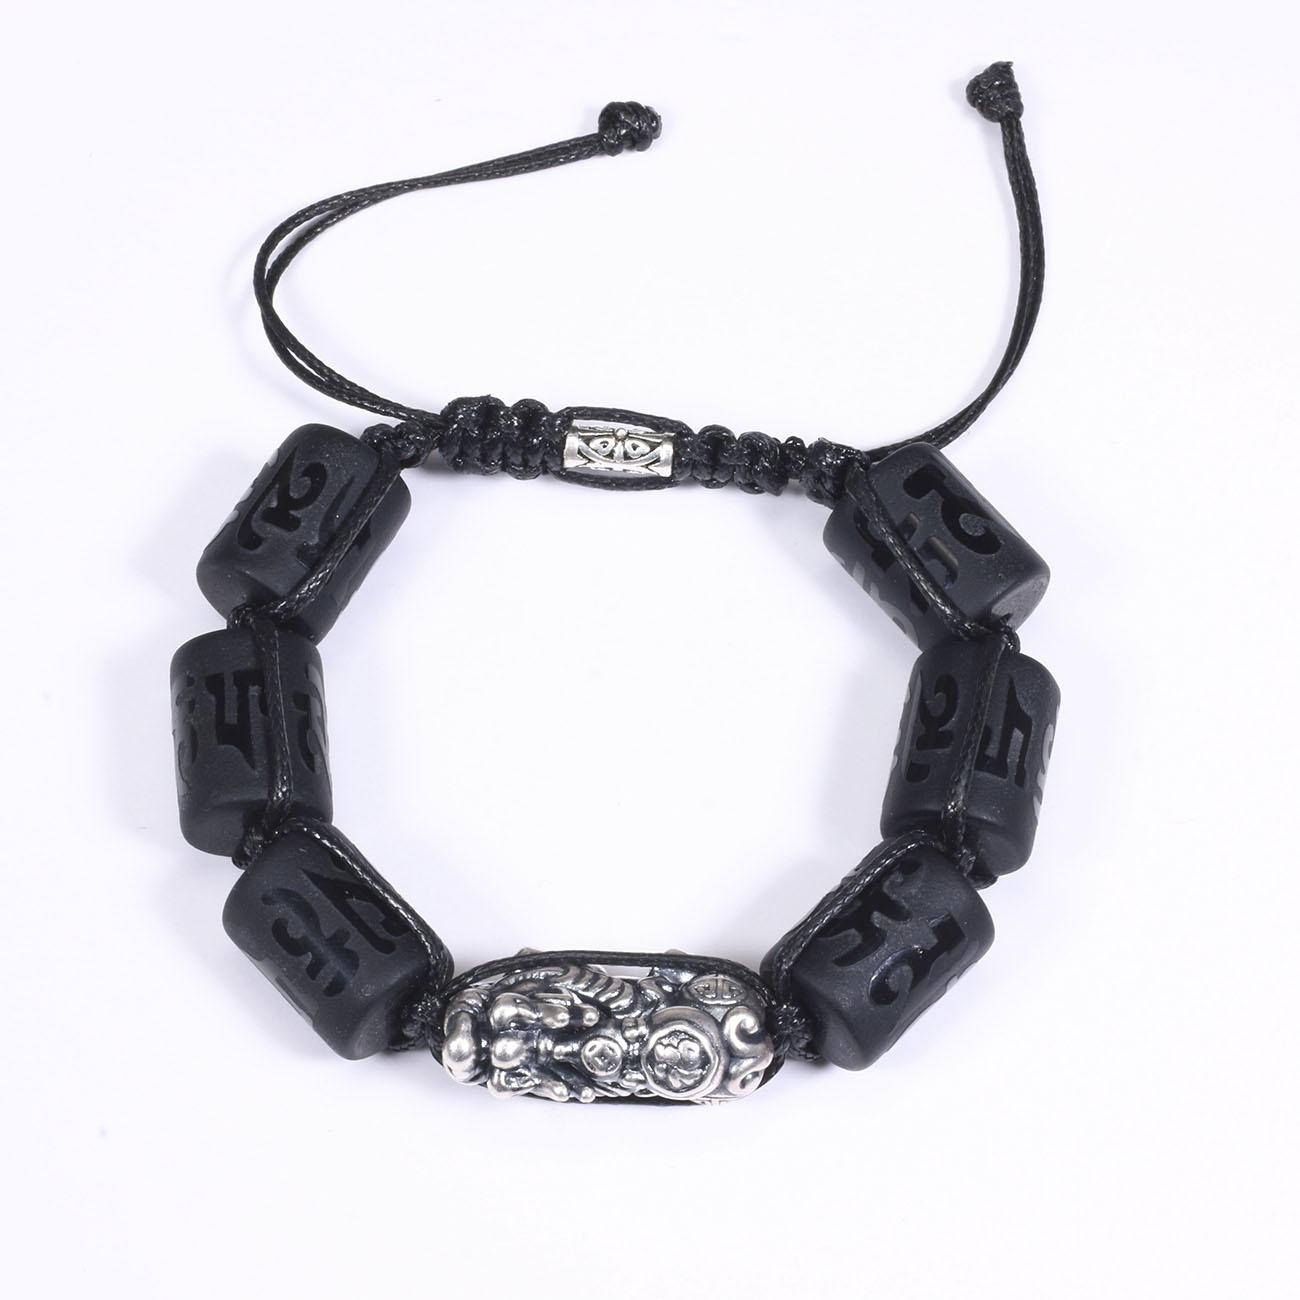 Vòng Tay Đá Obsidian Đốt Trụ Lục Tự Đại Minh Chú Mix Tỳ Hưu Bạc 16X12Mm Mệnh Thủy, Mộc - 1